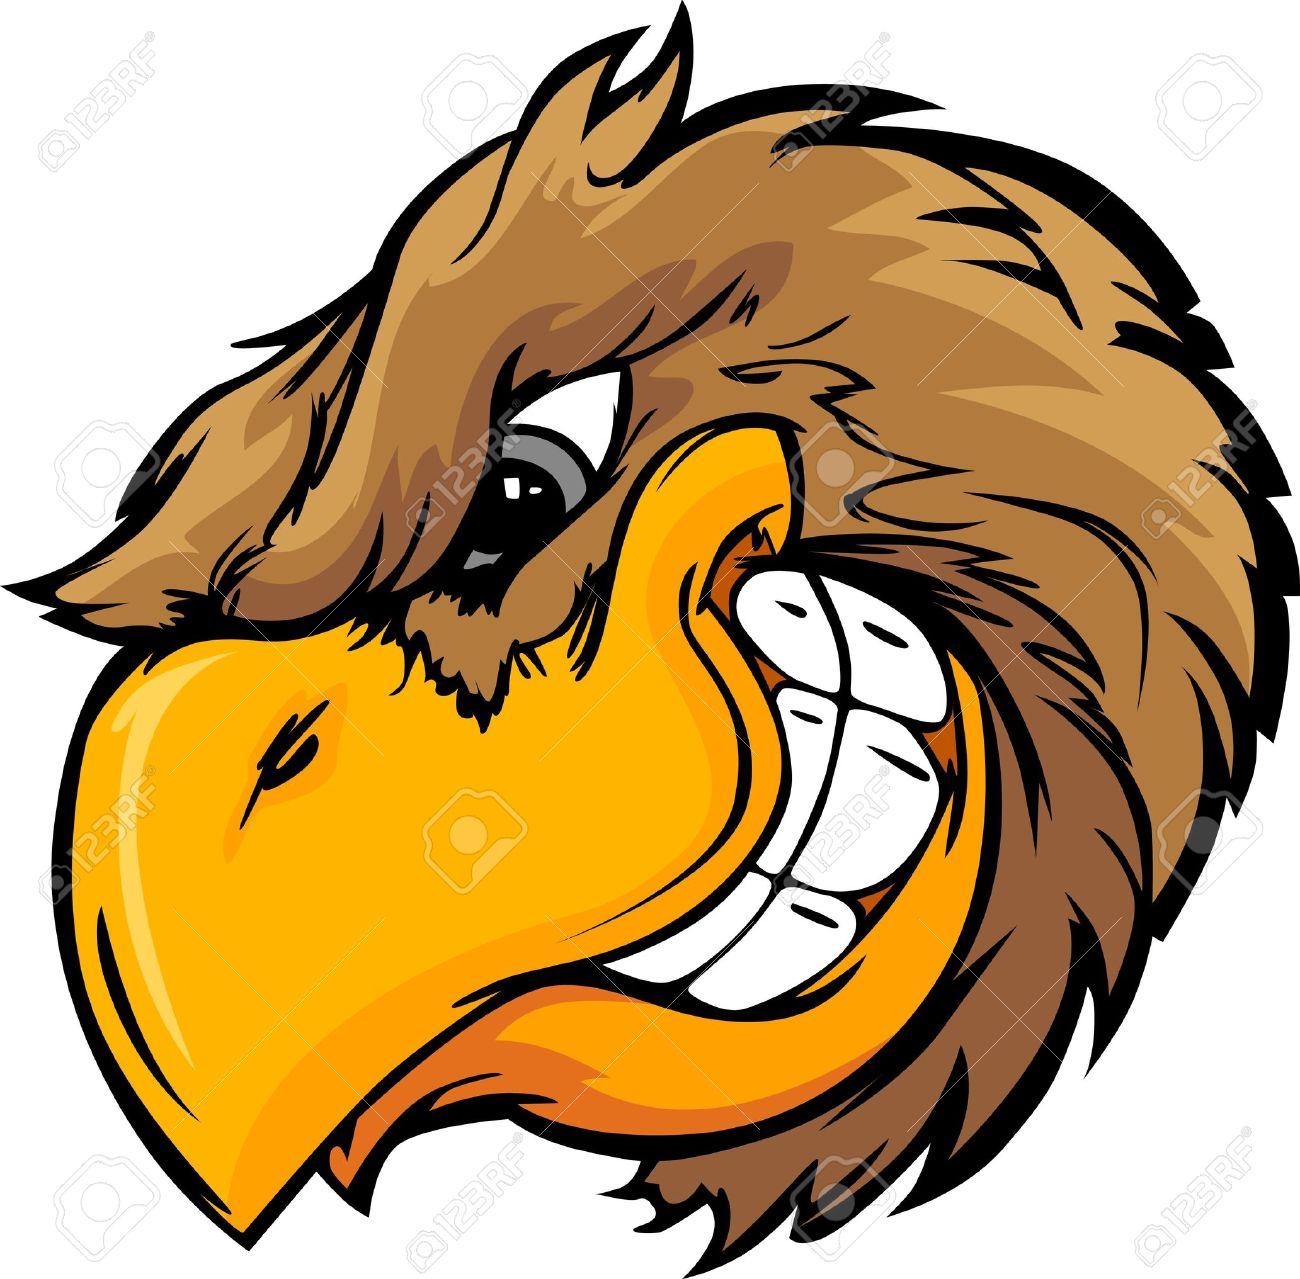 Cartoon Vector Mascot Image of a Bird Head Stock Vector - 13326024